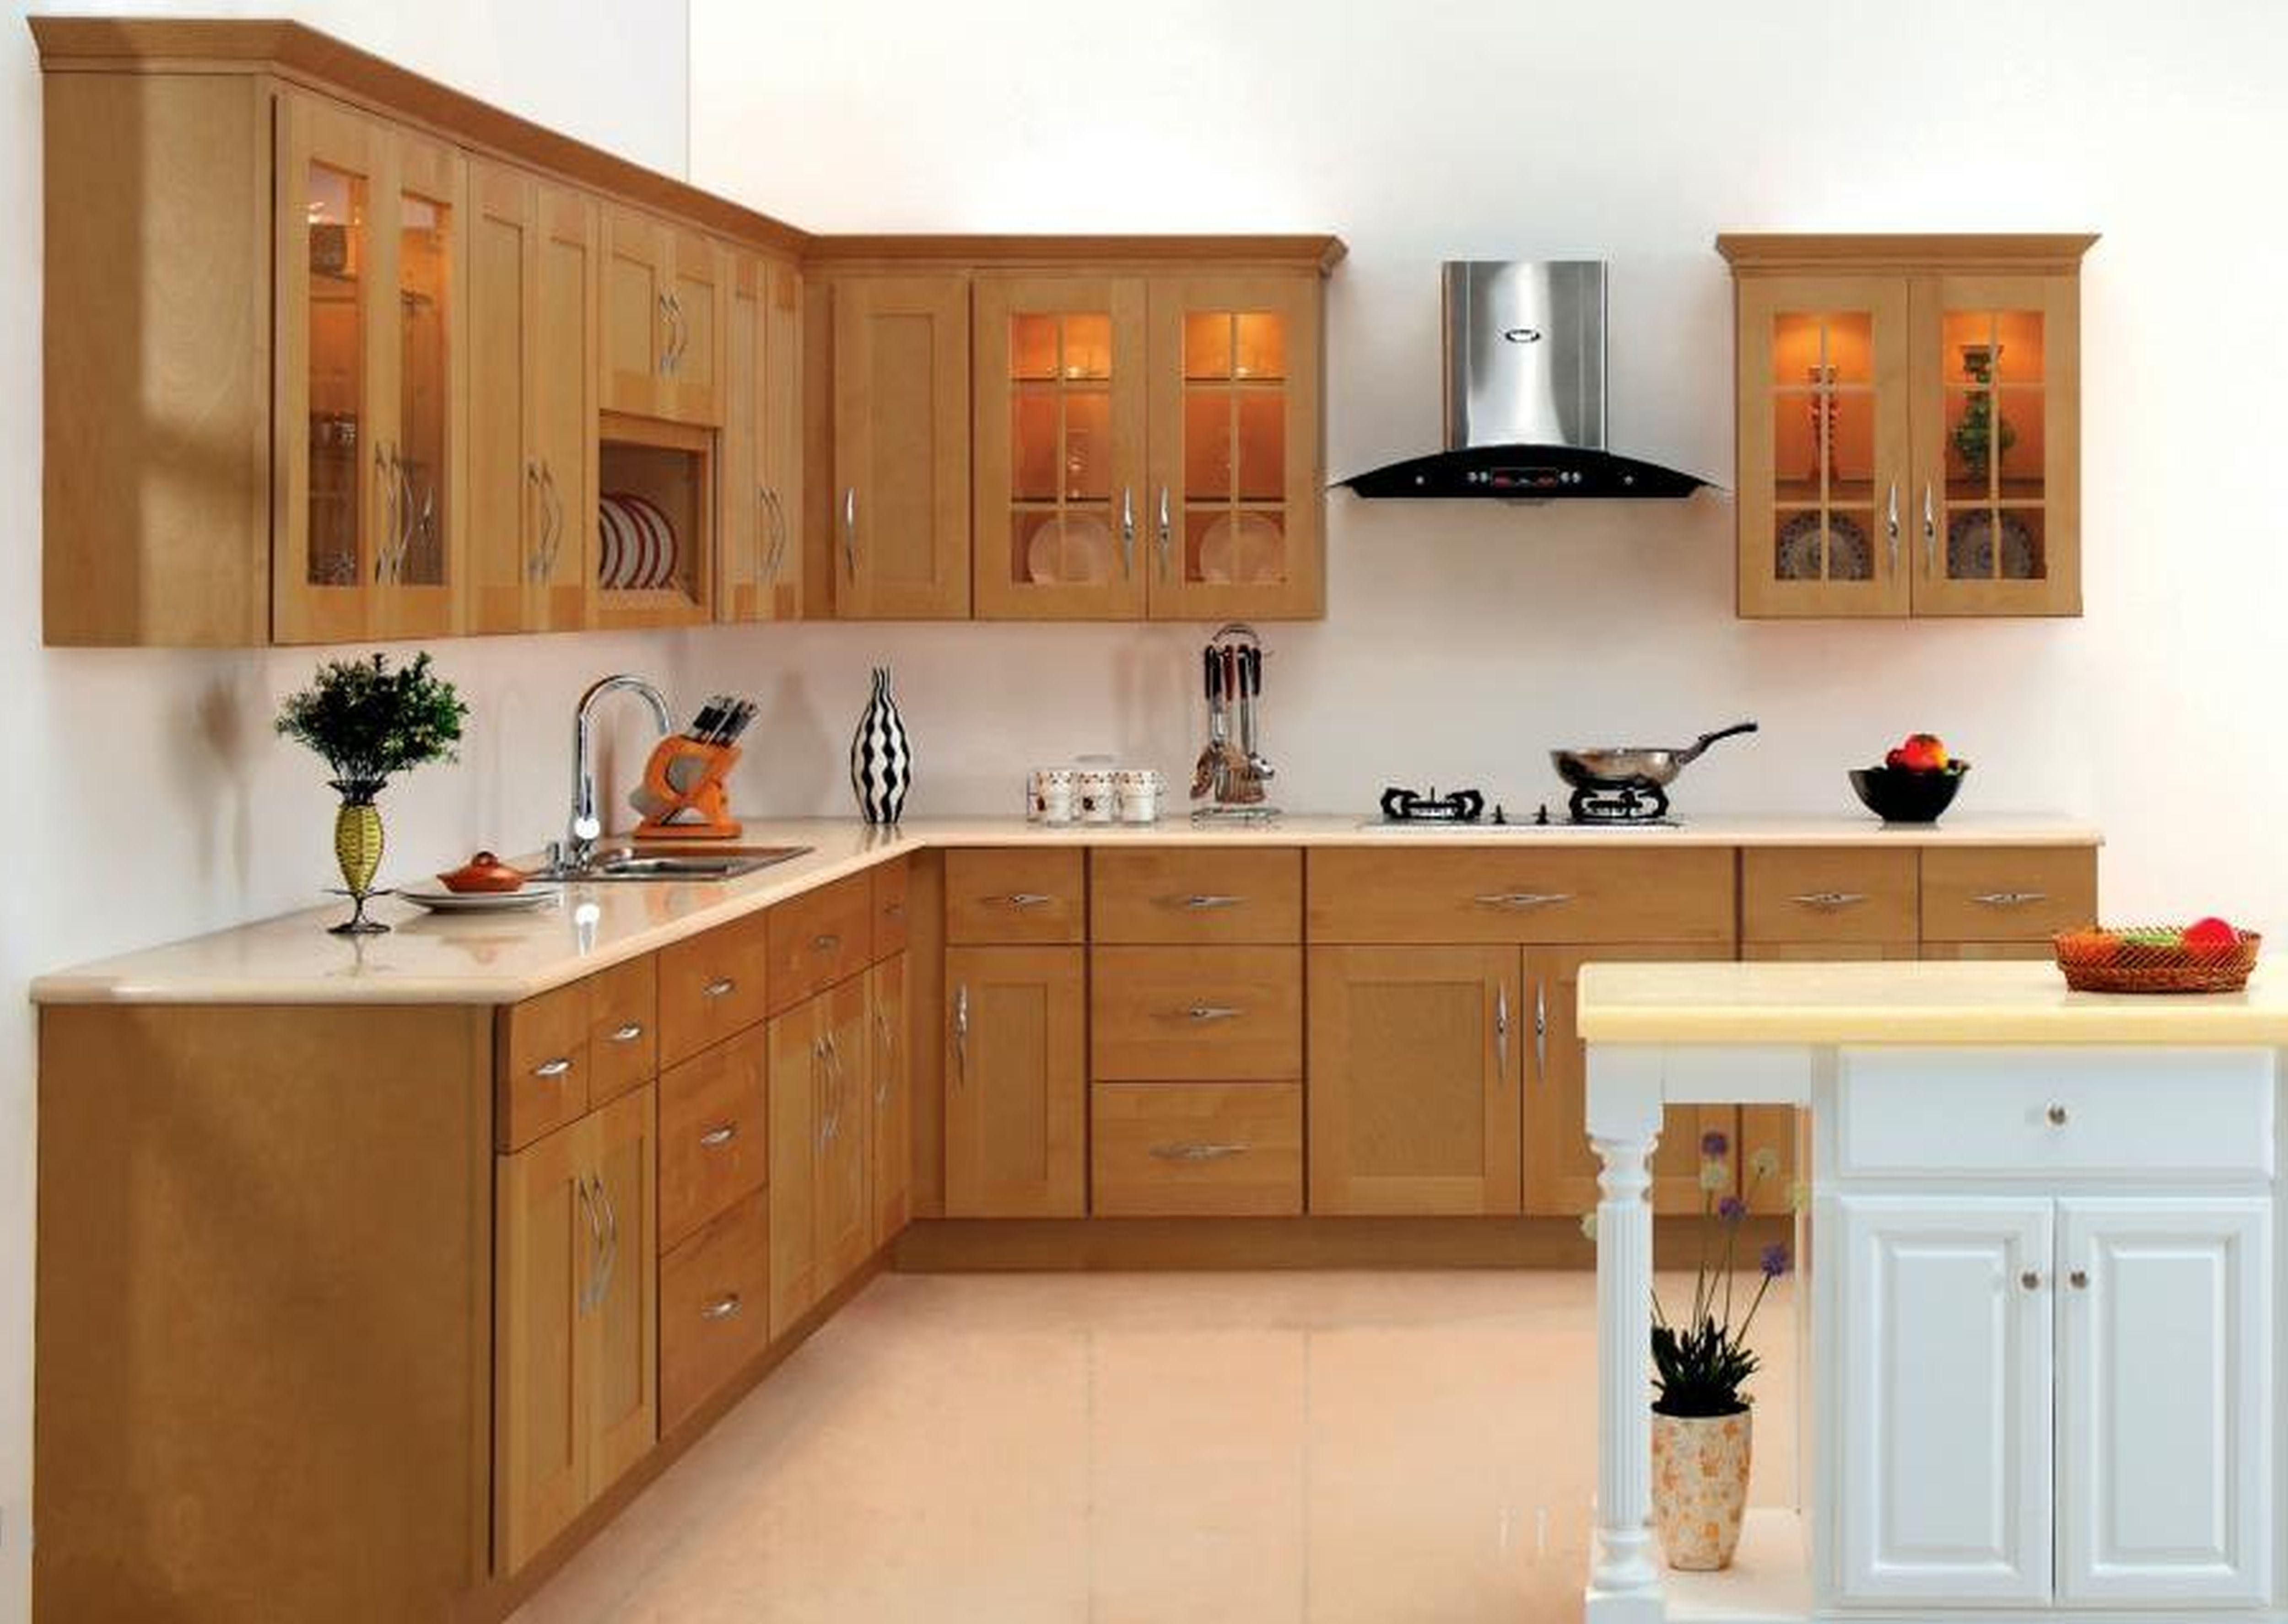 kitchen designs Simple Kitchen Designs Photo Gallery